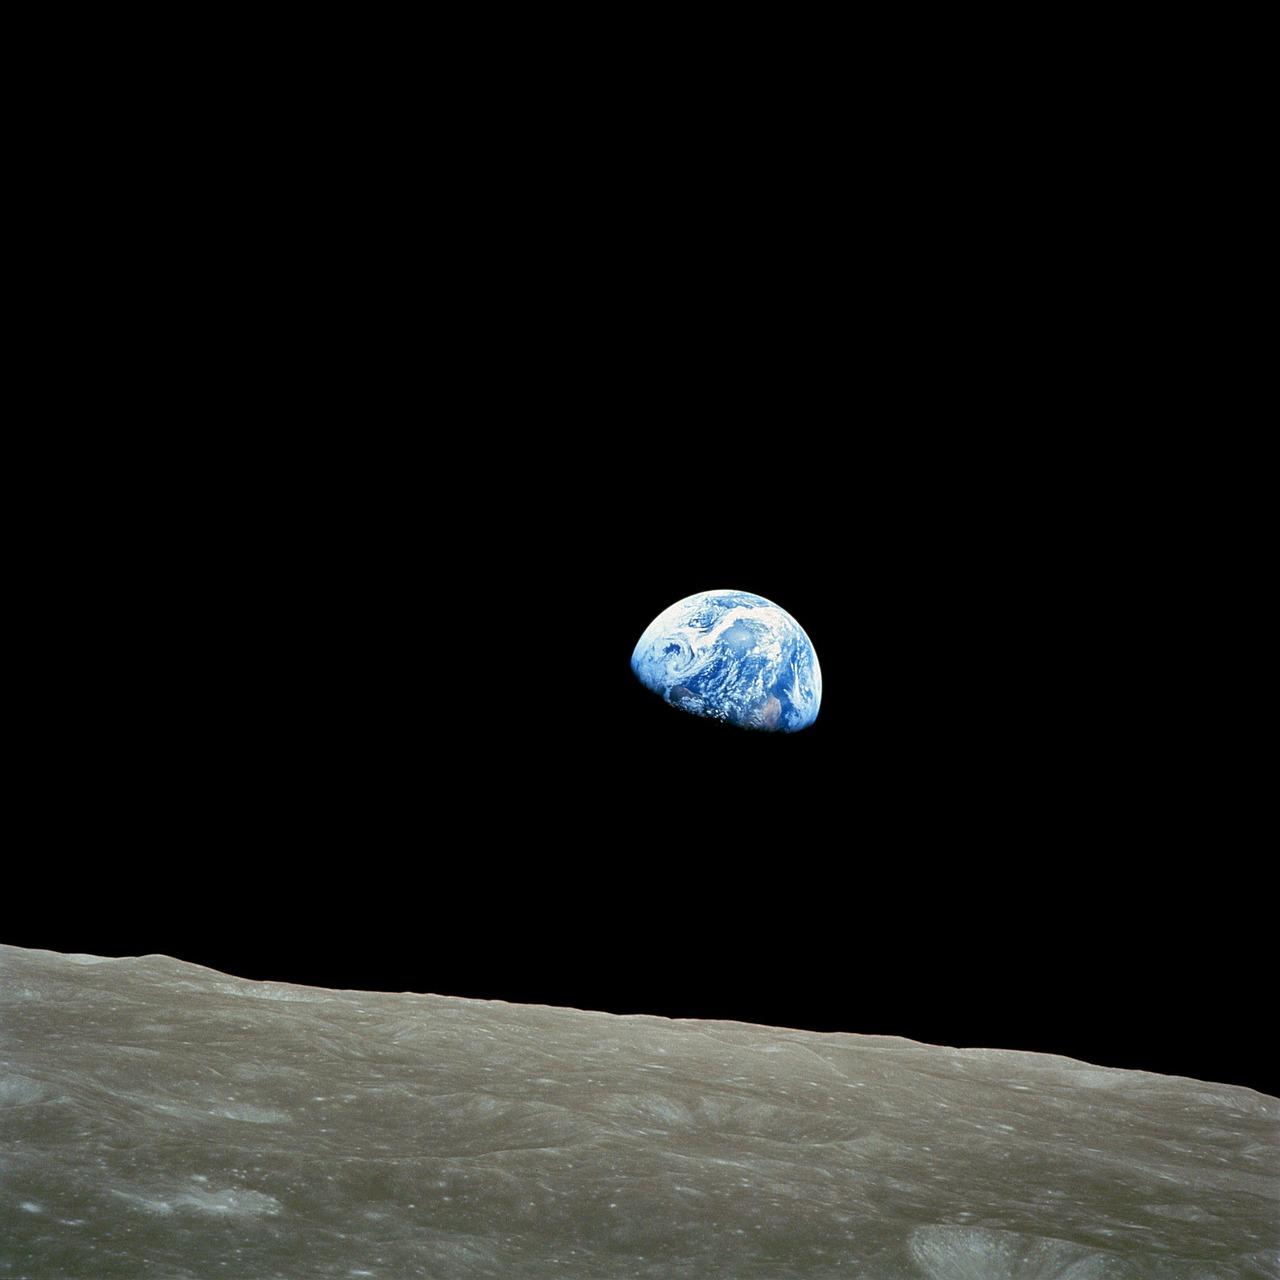 Urlaub auf dem Mond: spezieller Roboter in Entwicklung